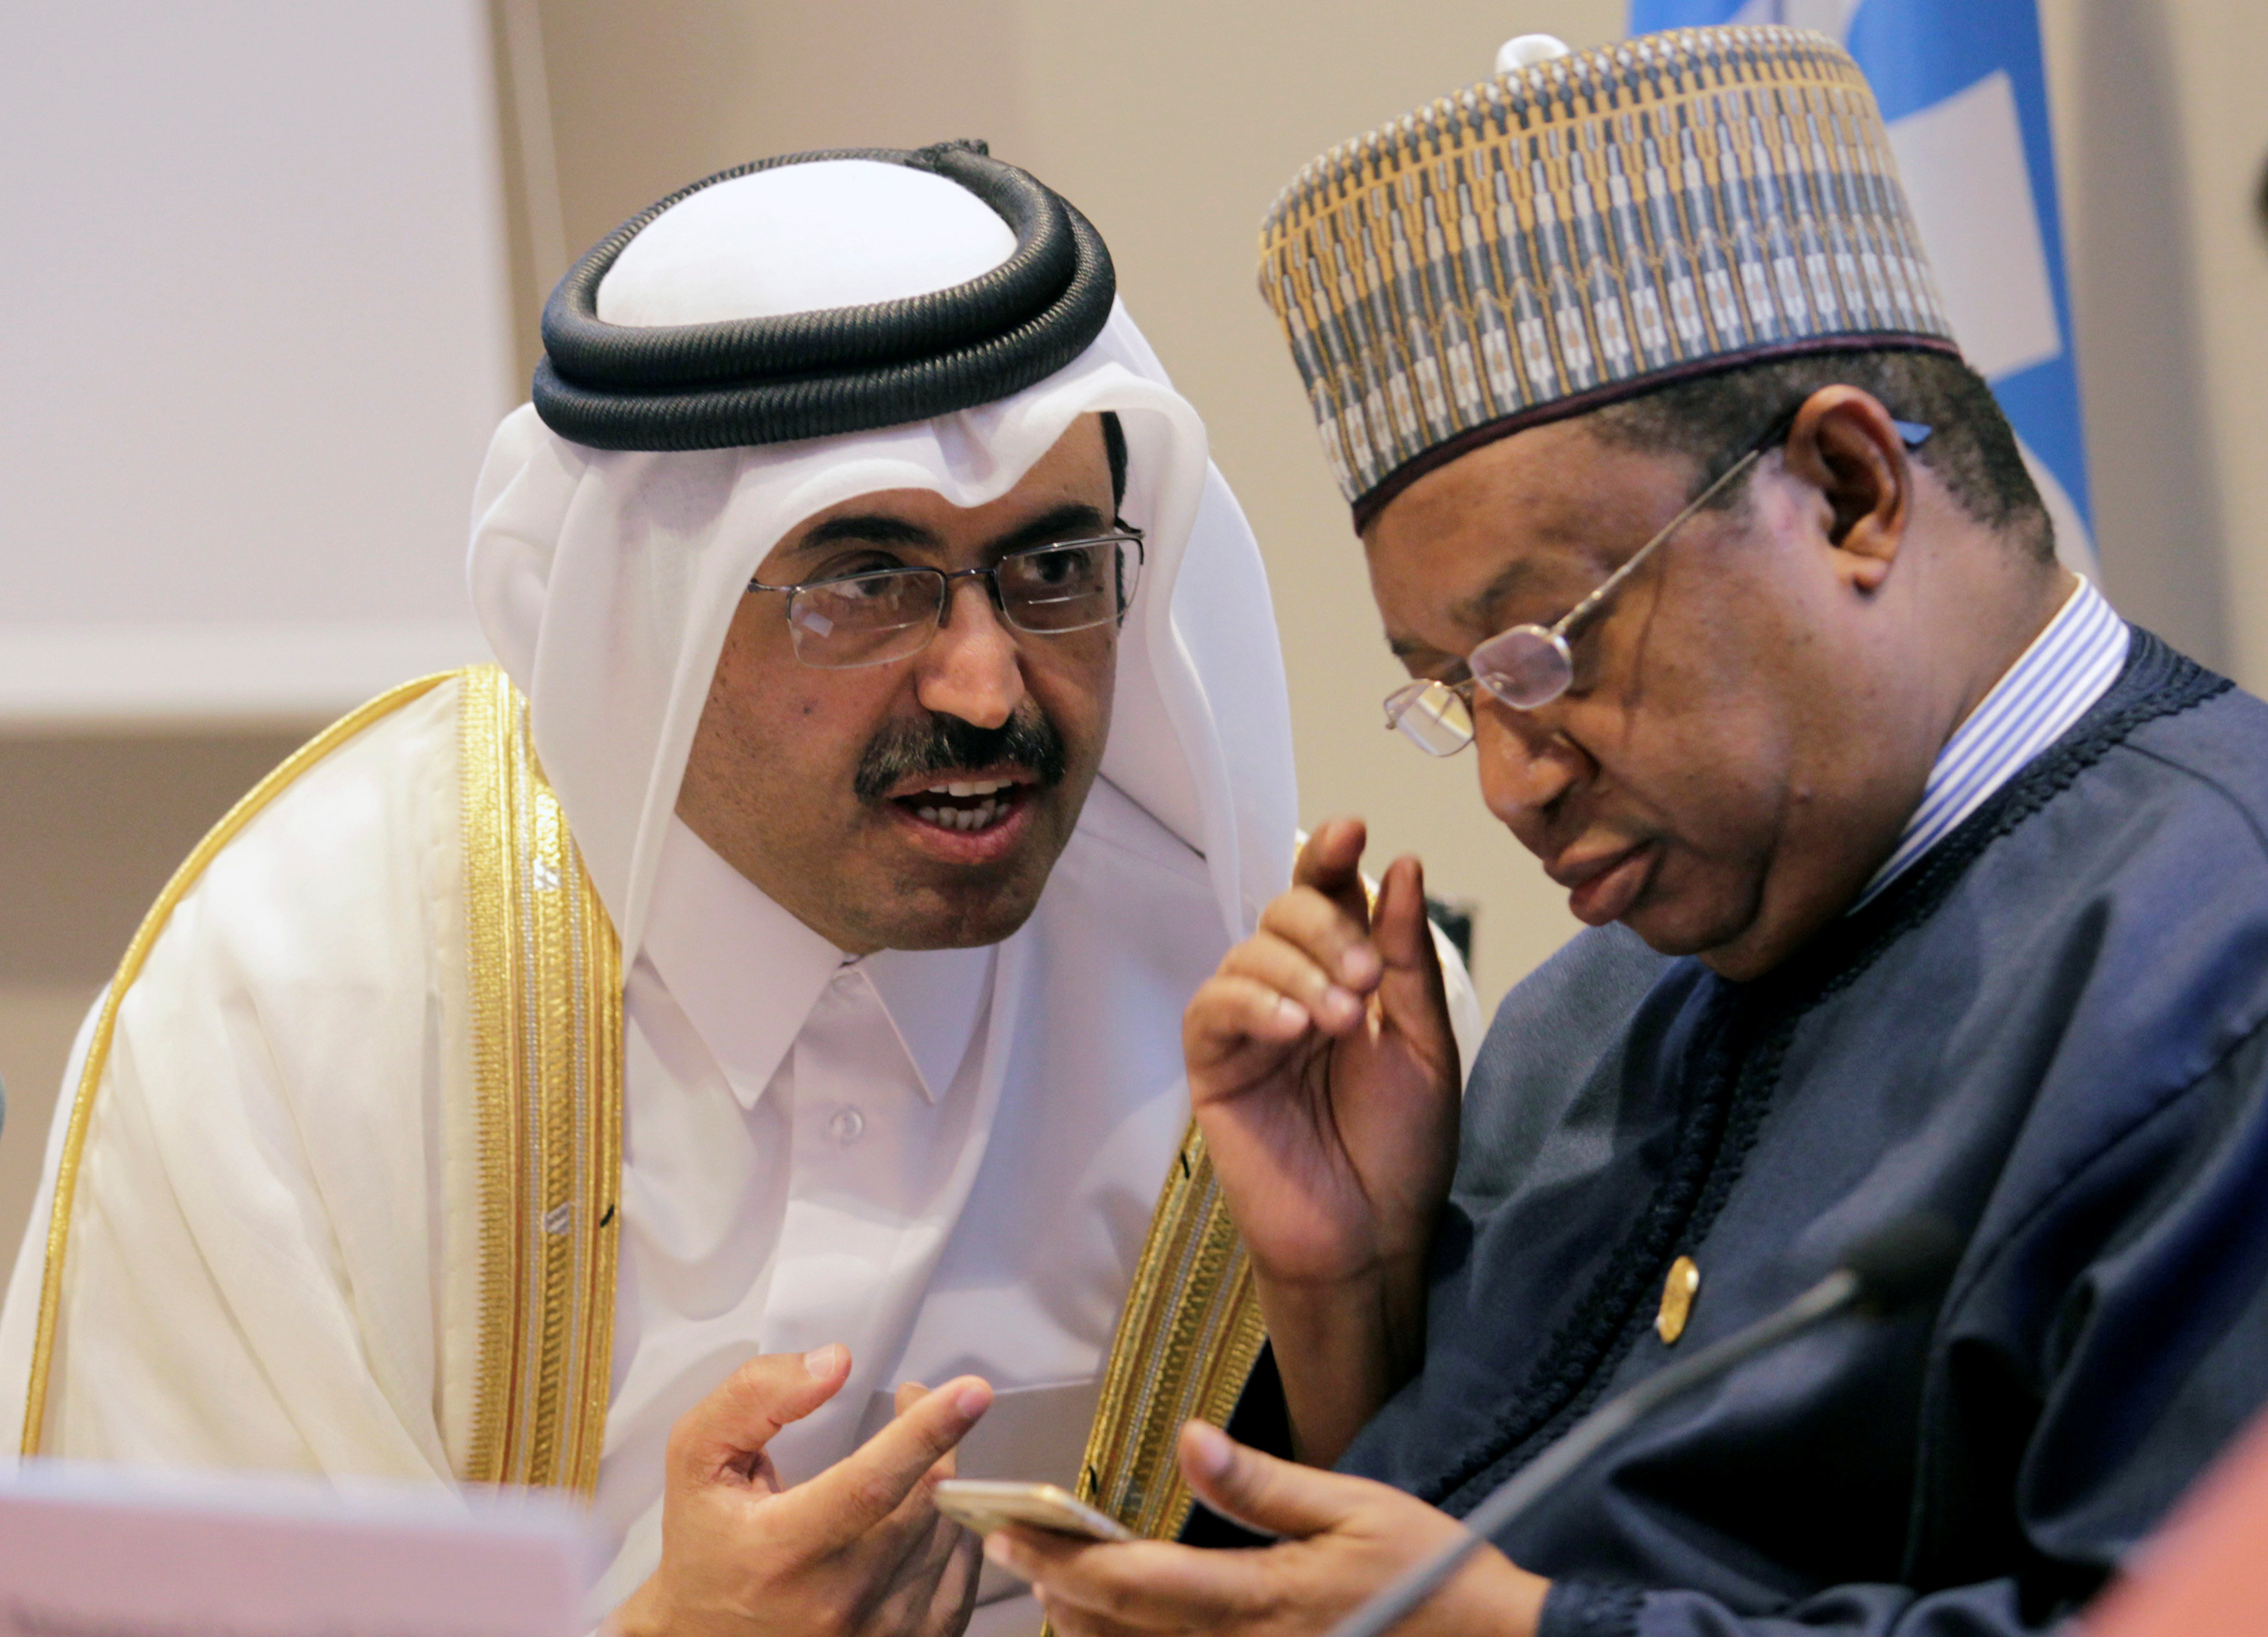 图为9月28日,在阿尔及利亚阿尔及尔,卡塔尔能源和工业大臣萨达(左)与欧佩克秘书长巴尔金多出席新闻发布会。 (新华社/路透)